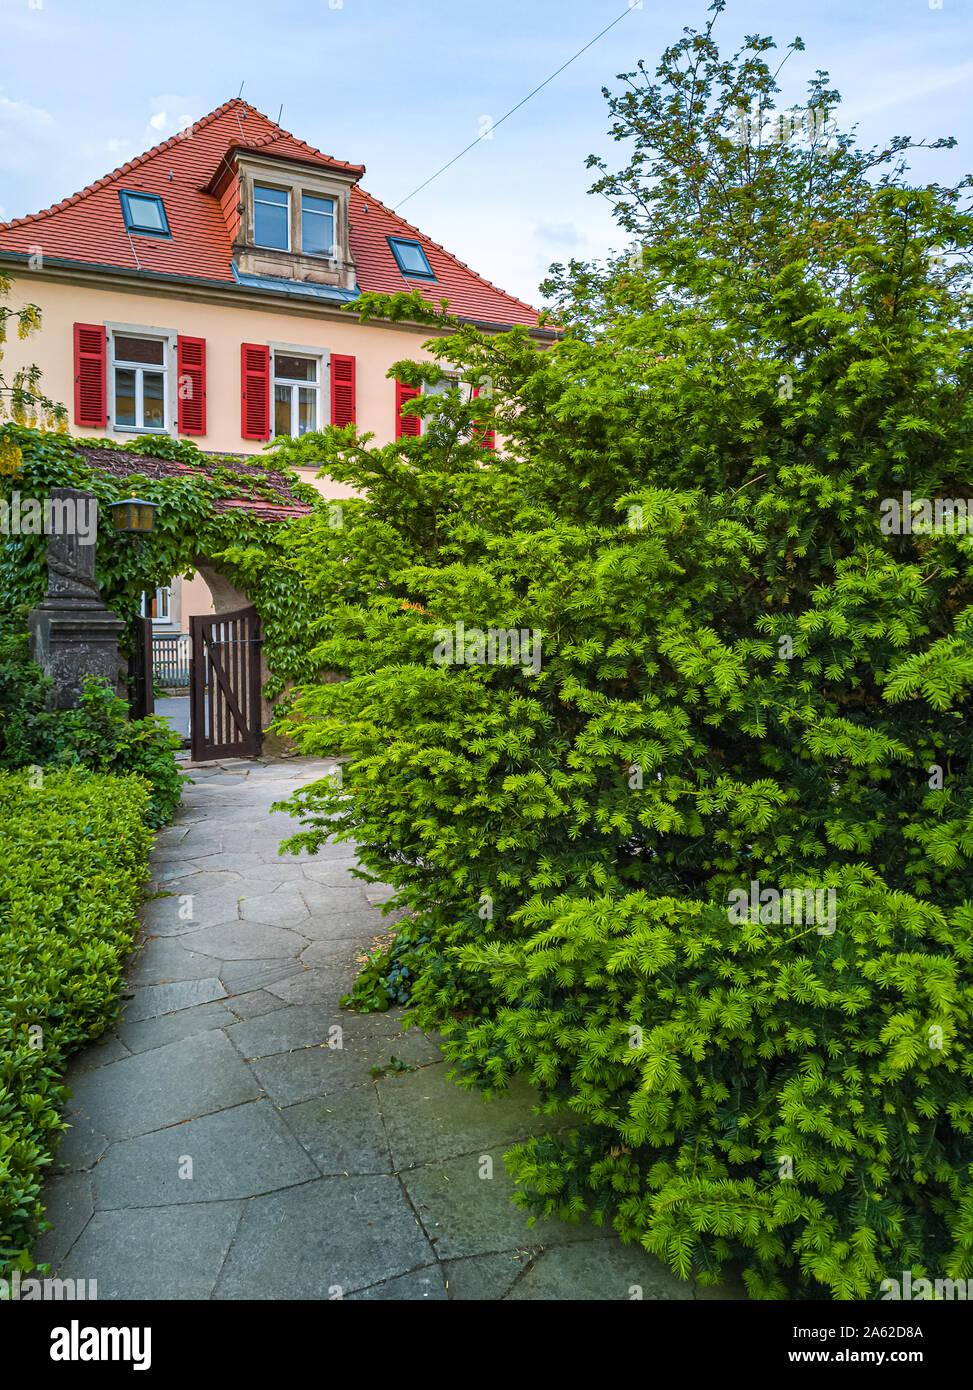 Dresden, Sachsen, Deutschland - Mai 24, 2019: Blick auf das Pfarrhaus der Kirche Maria am Wasser in Hosterwitz, Dresden, Sachsen, Deutschland. Stockfoto